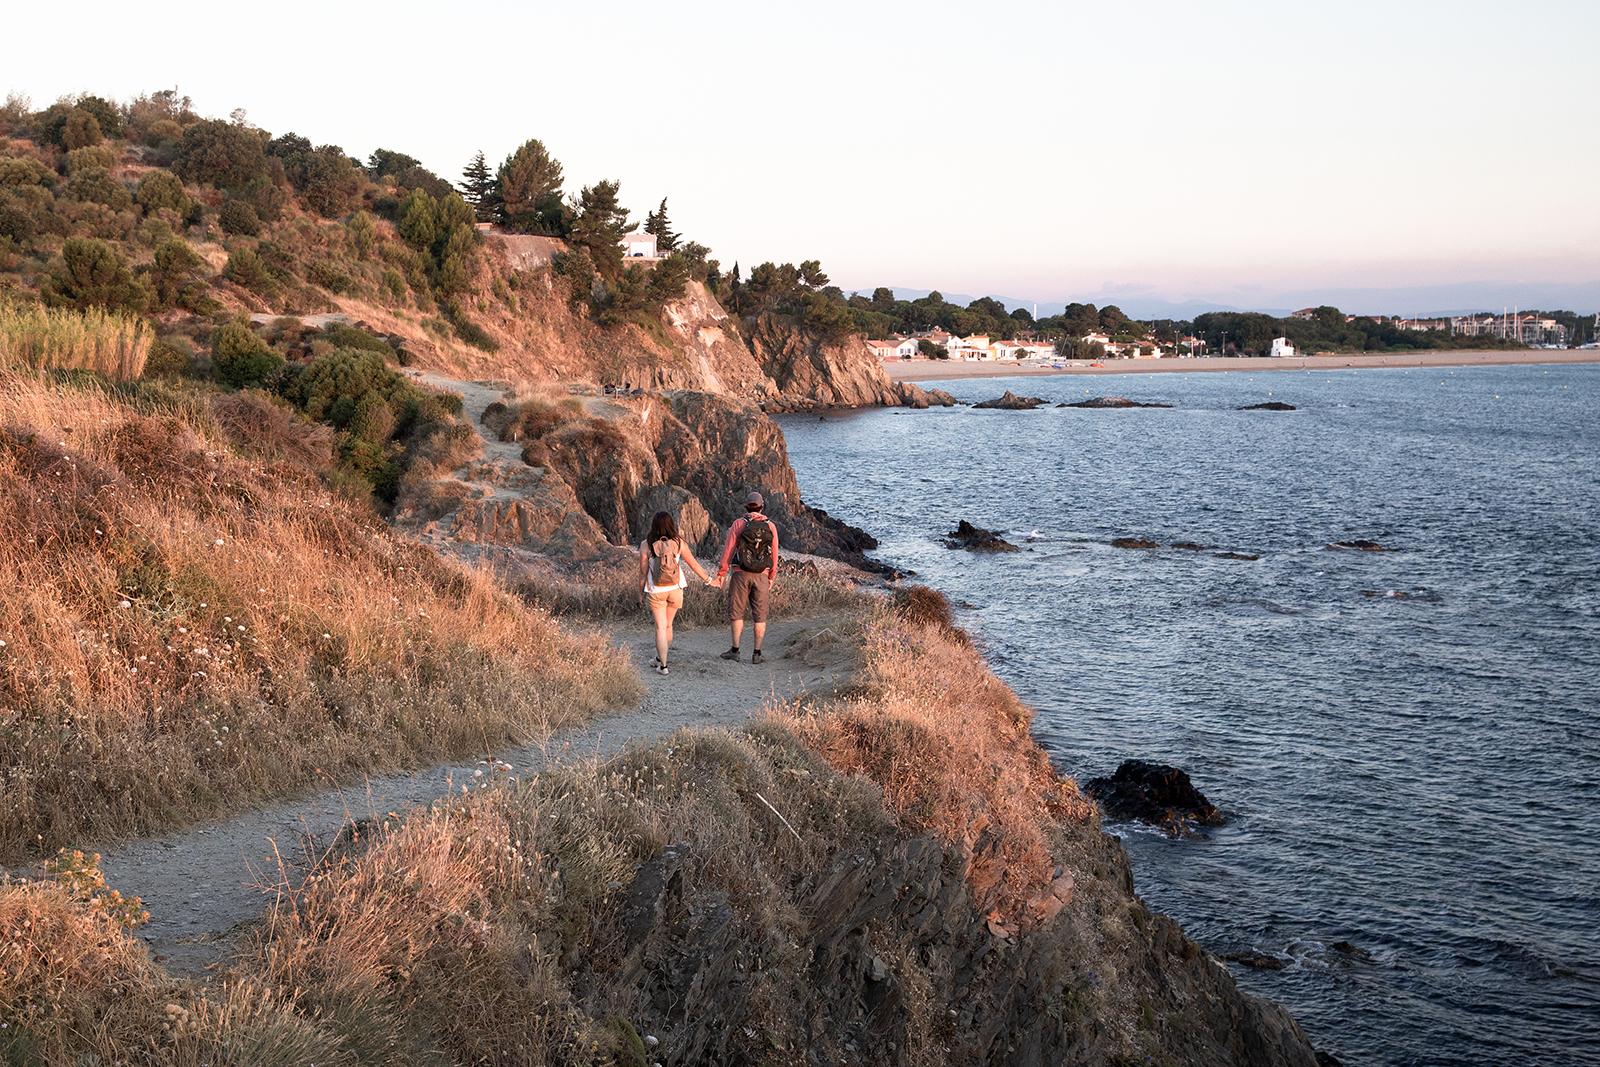 Idée de randonnée Argelès-sur-Mer